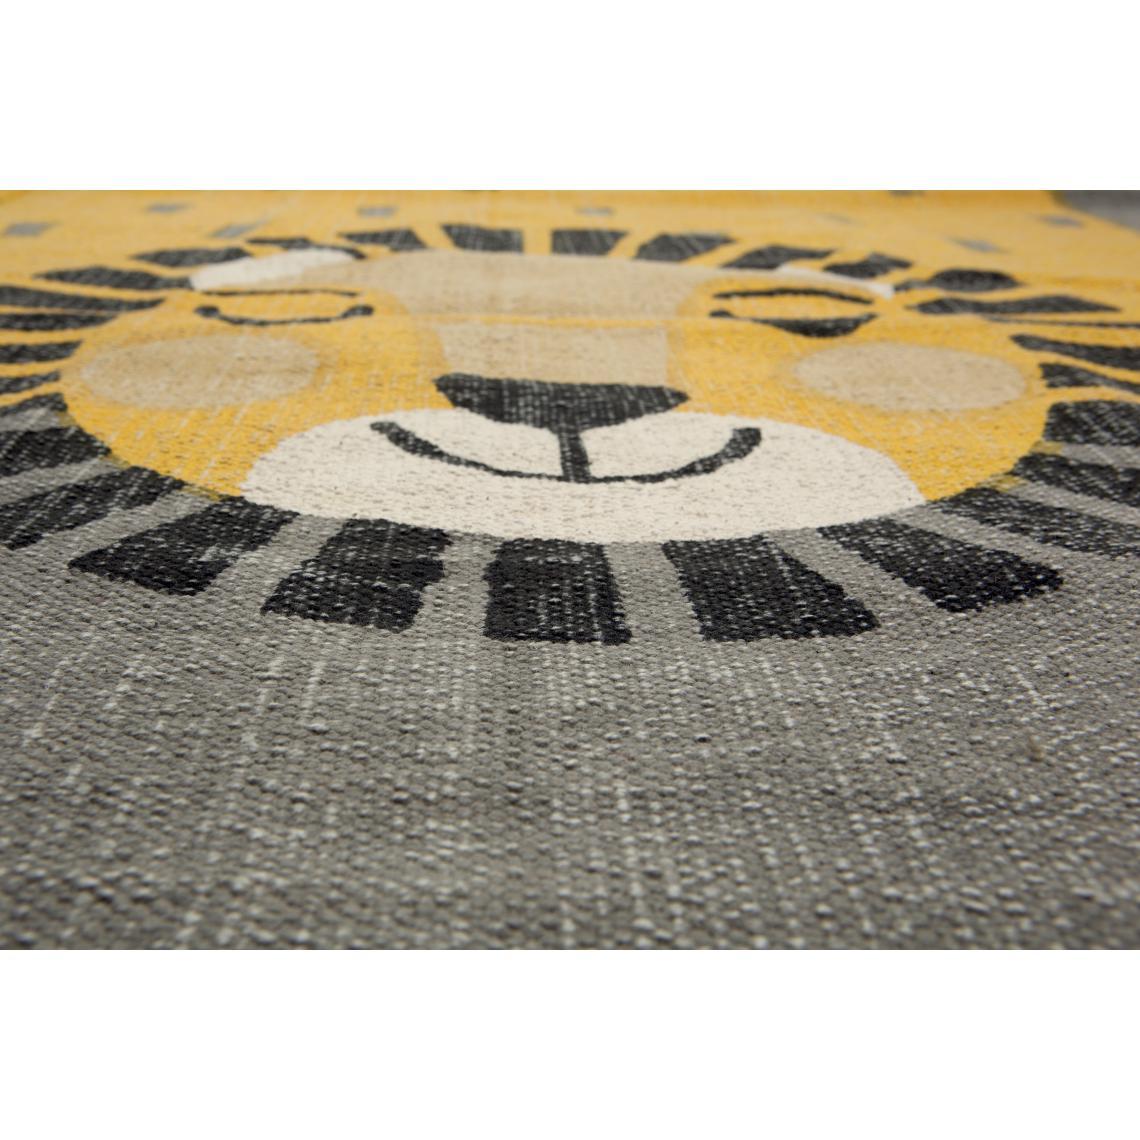 tapis enfant rectangulaire lion 110x170